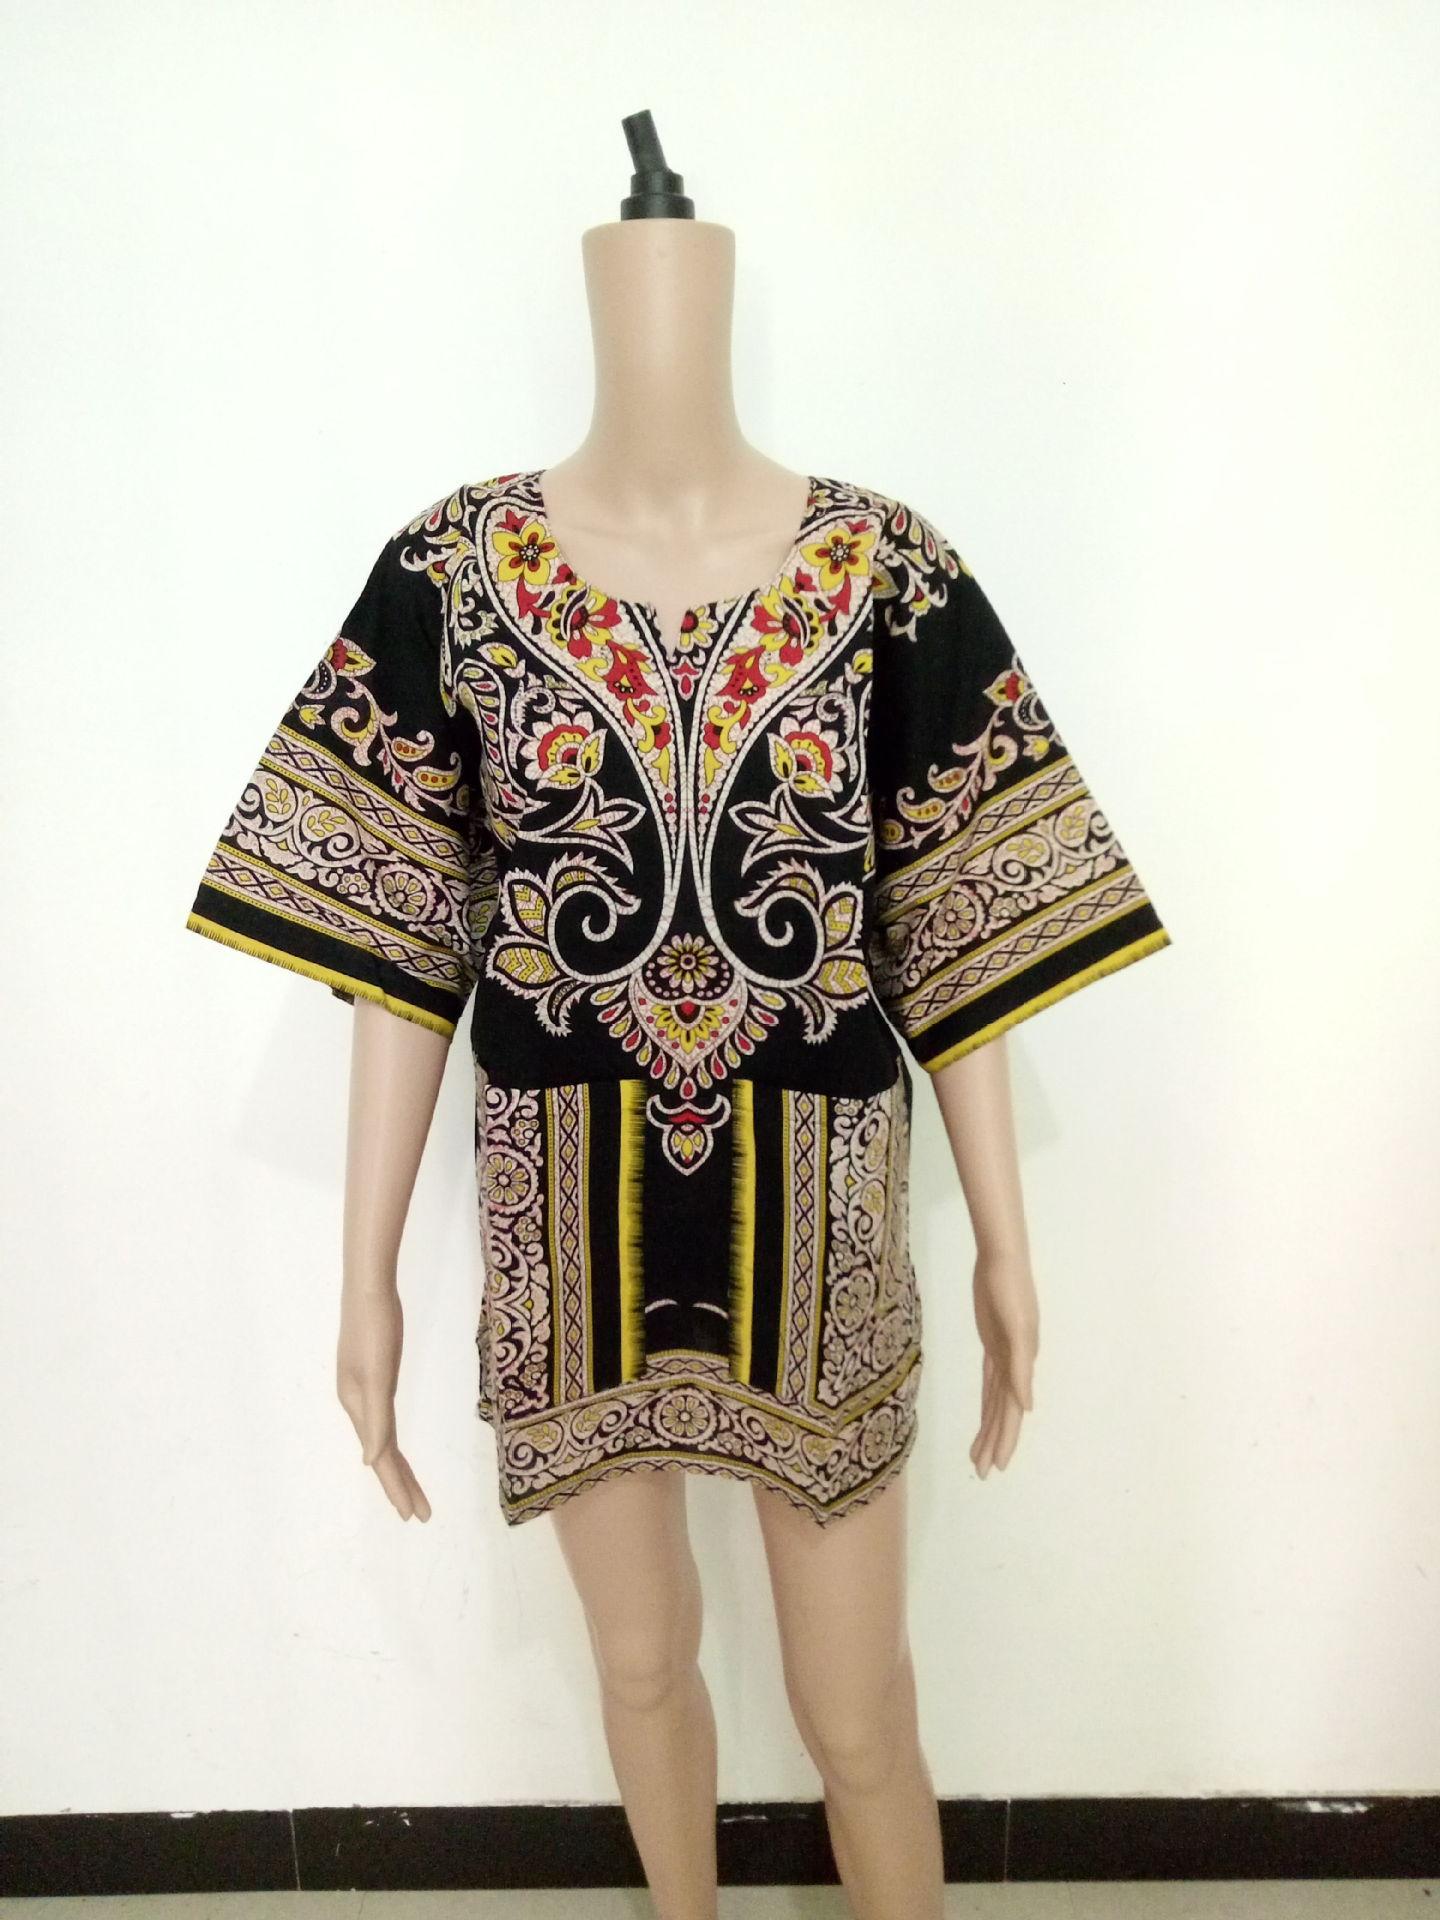 Traditsiooniline Aafrika riided naistele Aafrika daamid kleit Bazin Riche Aafrika kleit Aafrika Dashikis naiste kleidid zeny saty